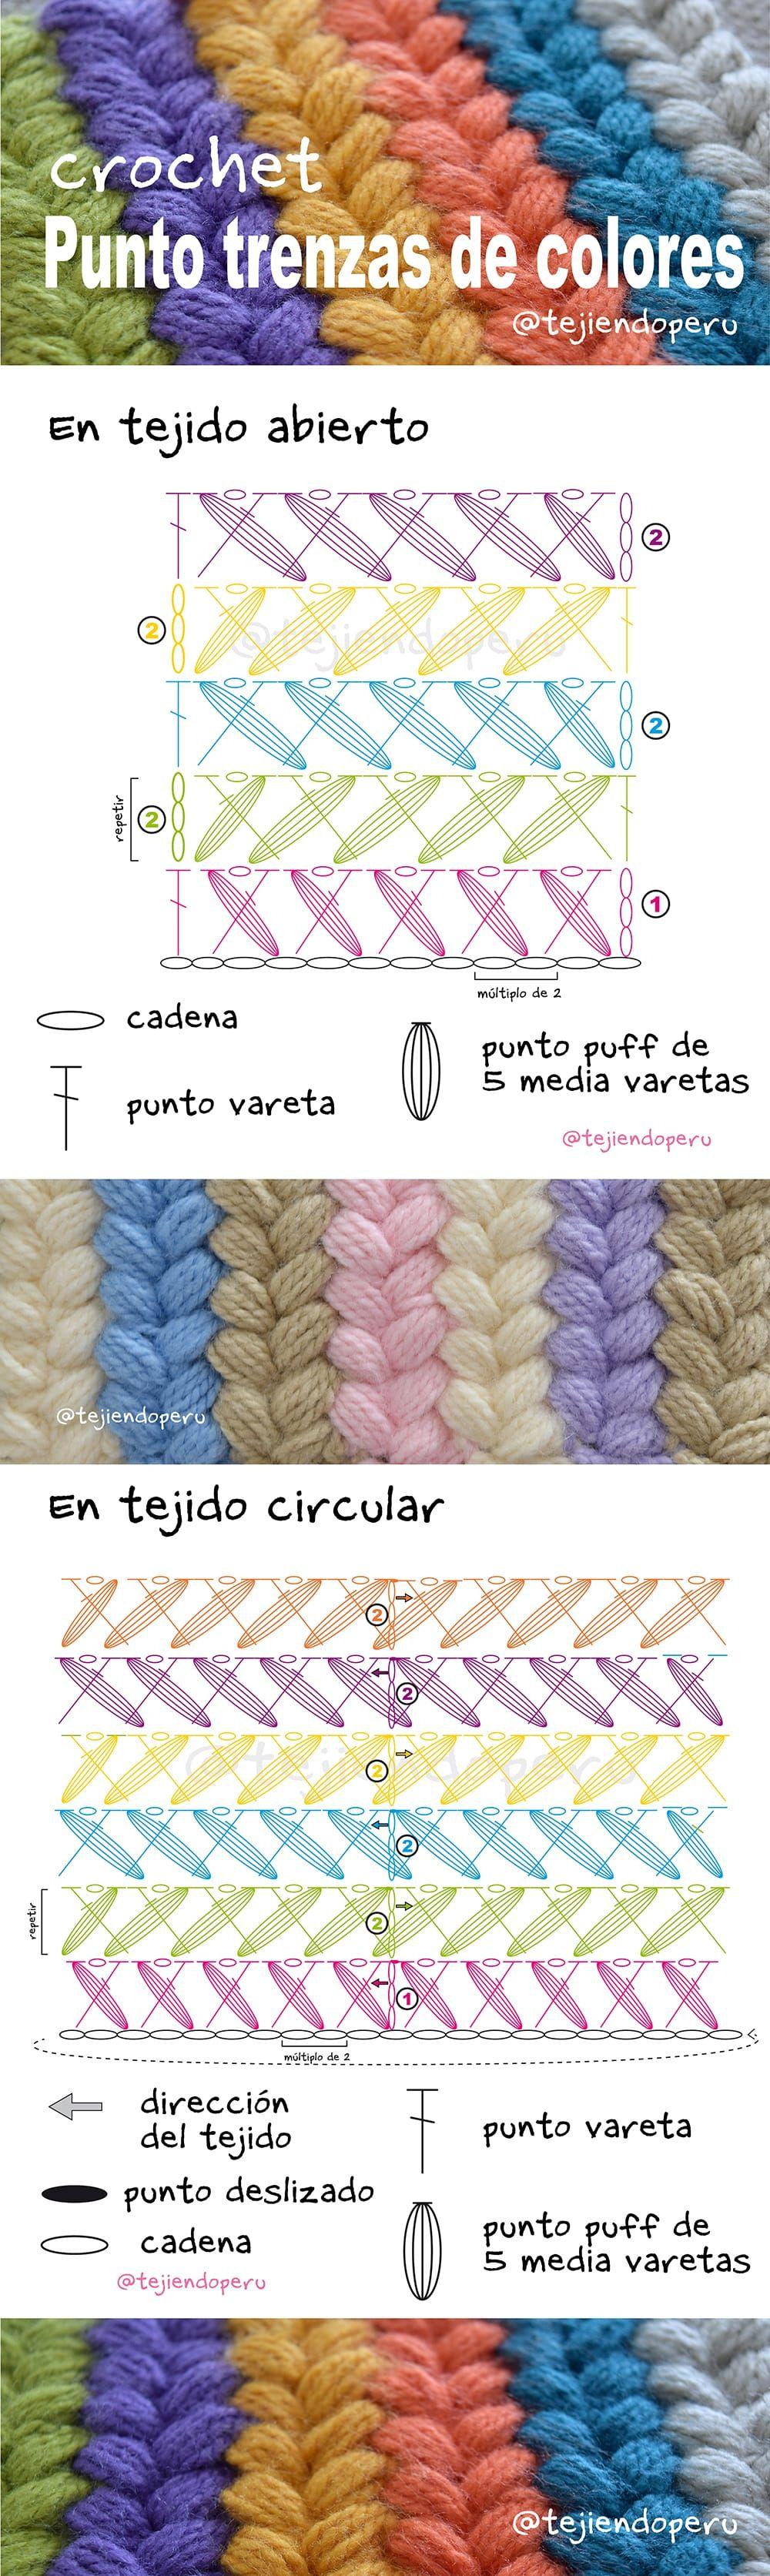 Punto trenzas de colores a crochet paso a paso | crochet tutoriales ...